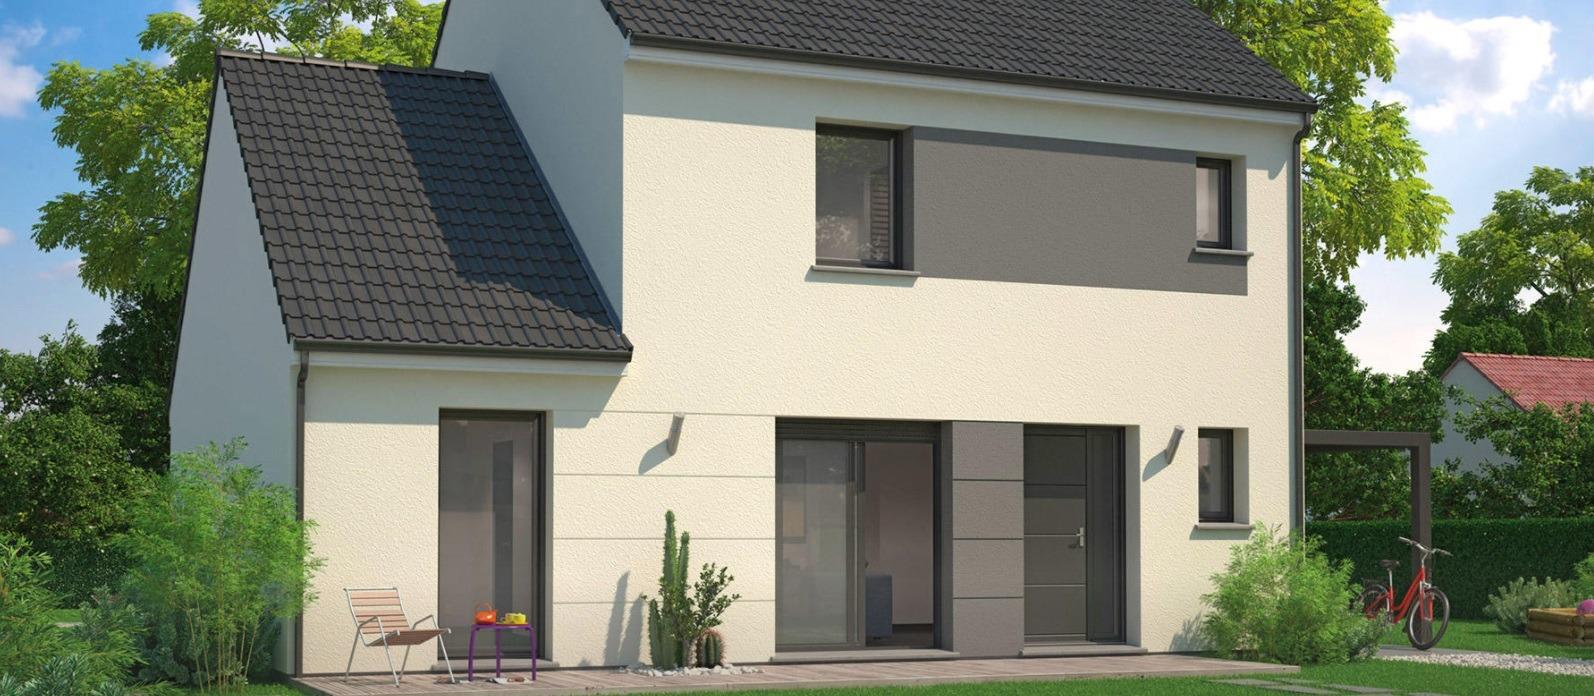 Maisons + Terrains du constructeur Maisons Phénix Nancy • 106 m² • MONT SUR MEURTHE